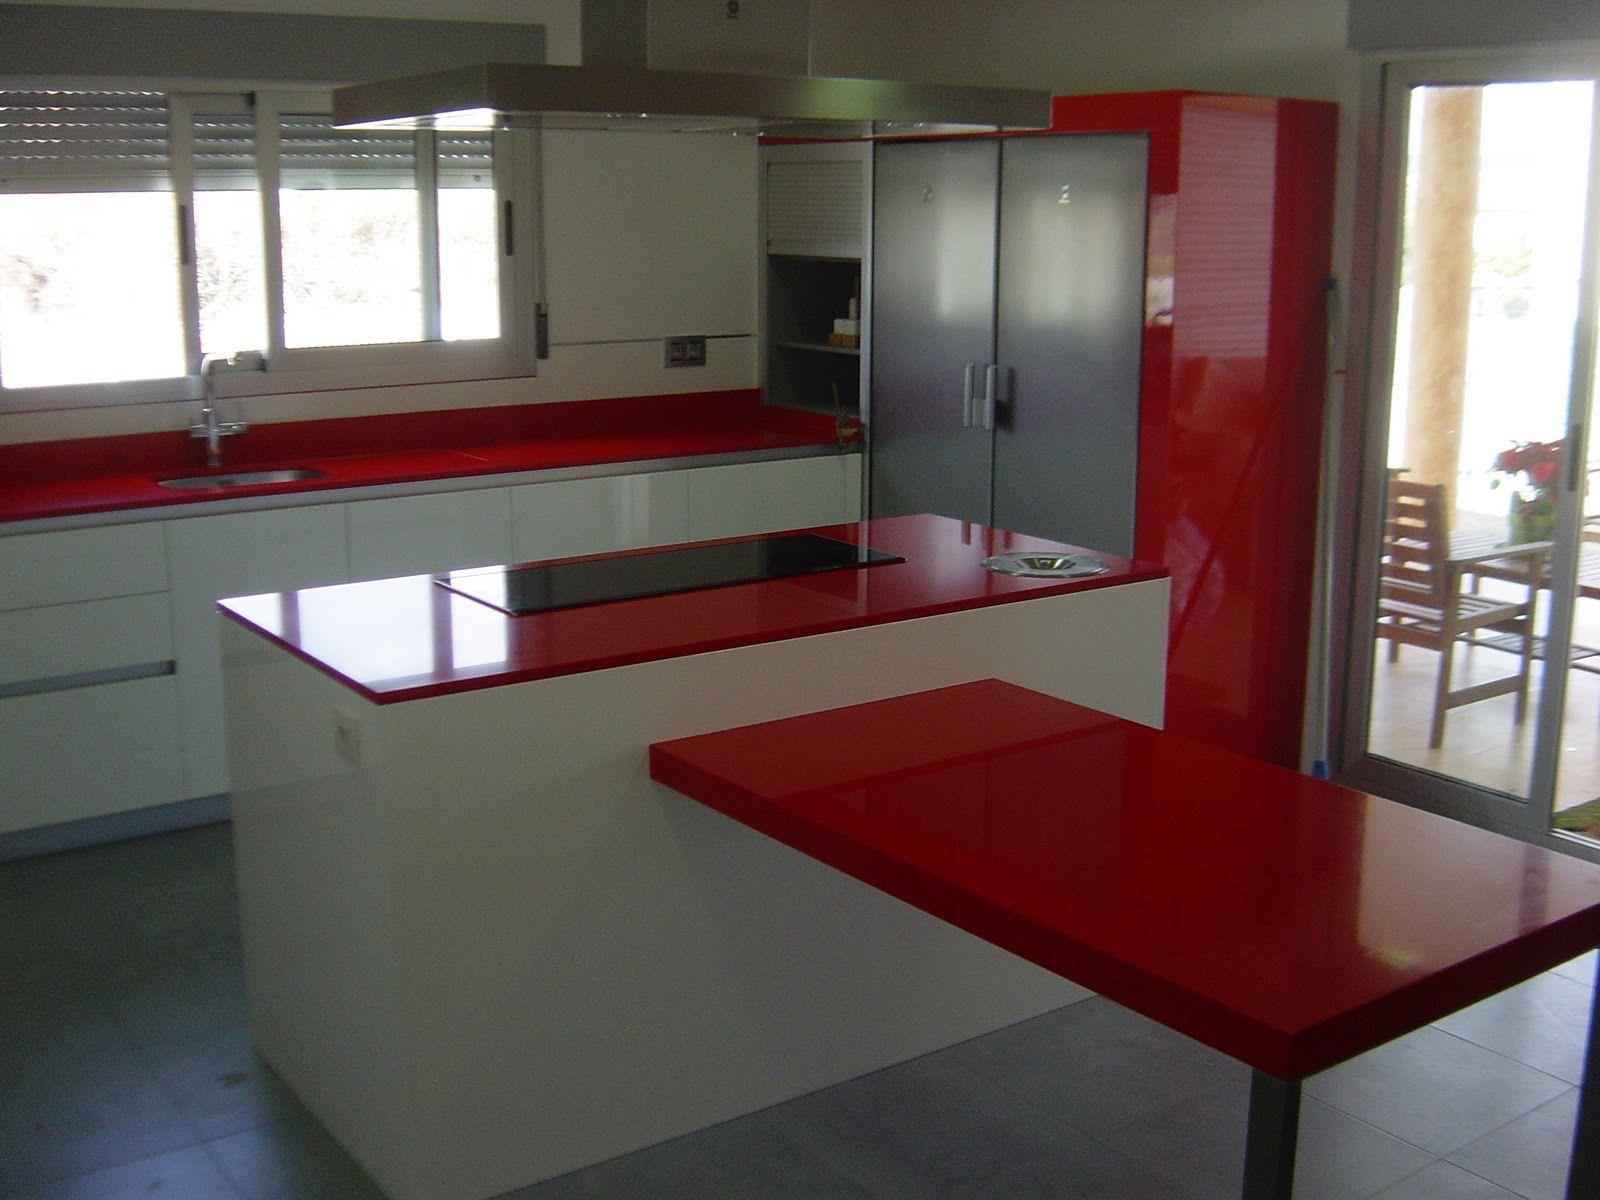 Mosaikstone Marmolistas: Encimera de Silestone Rosso Monza | Cocina ...